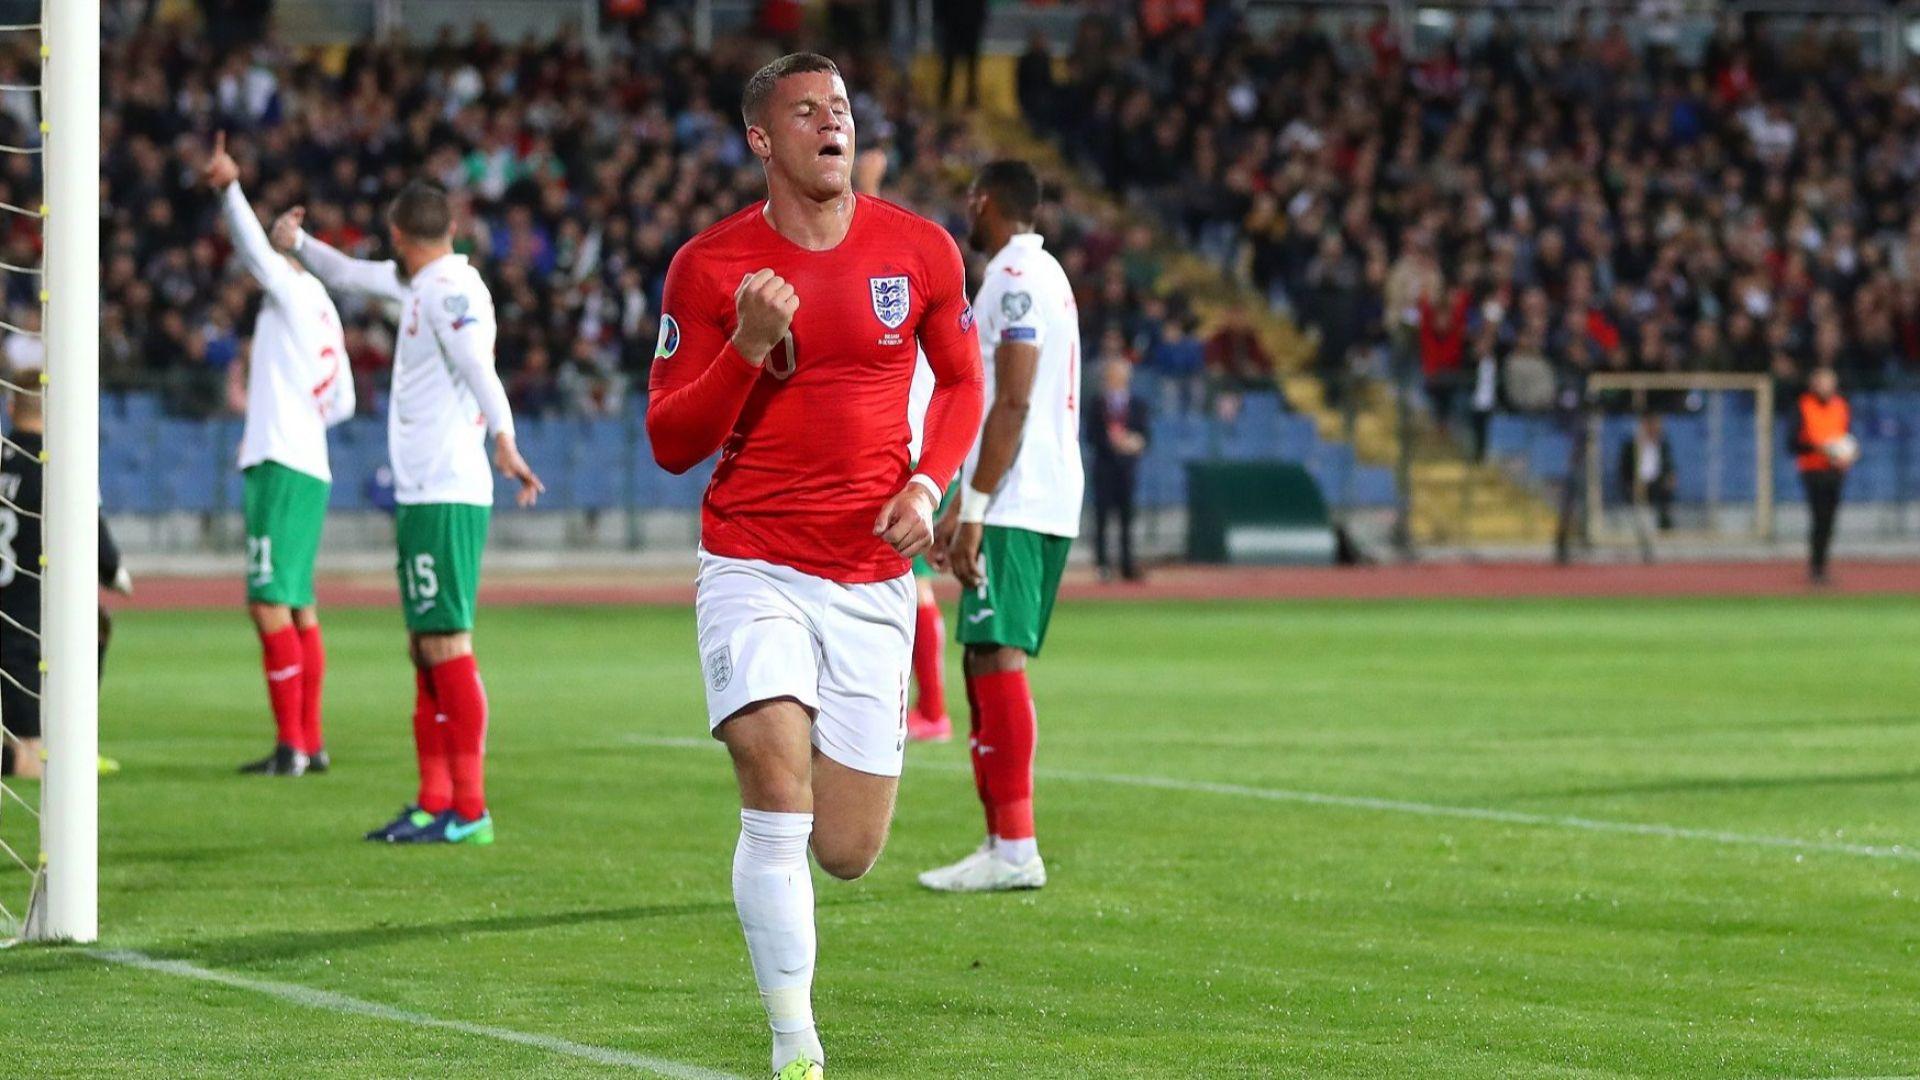 В мач-гротеска, Англия ни изнесе урок по футбол - 0:6